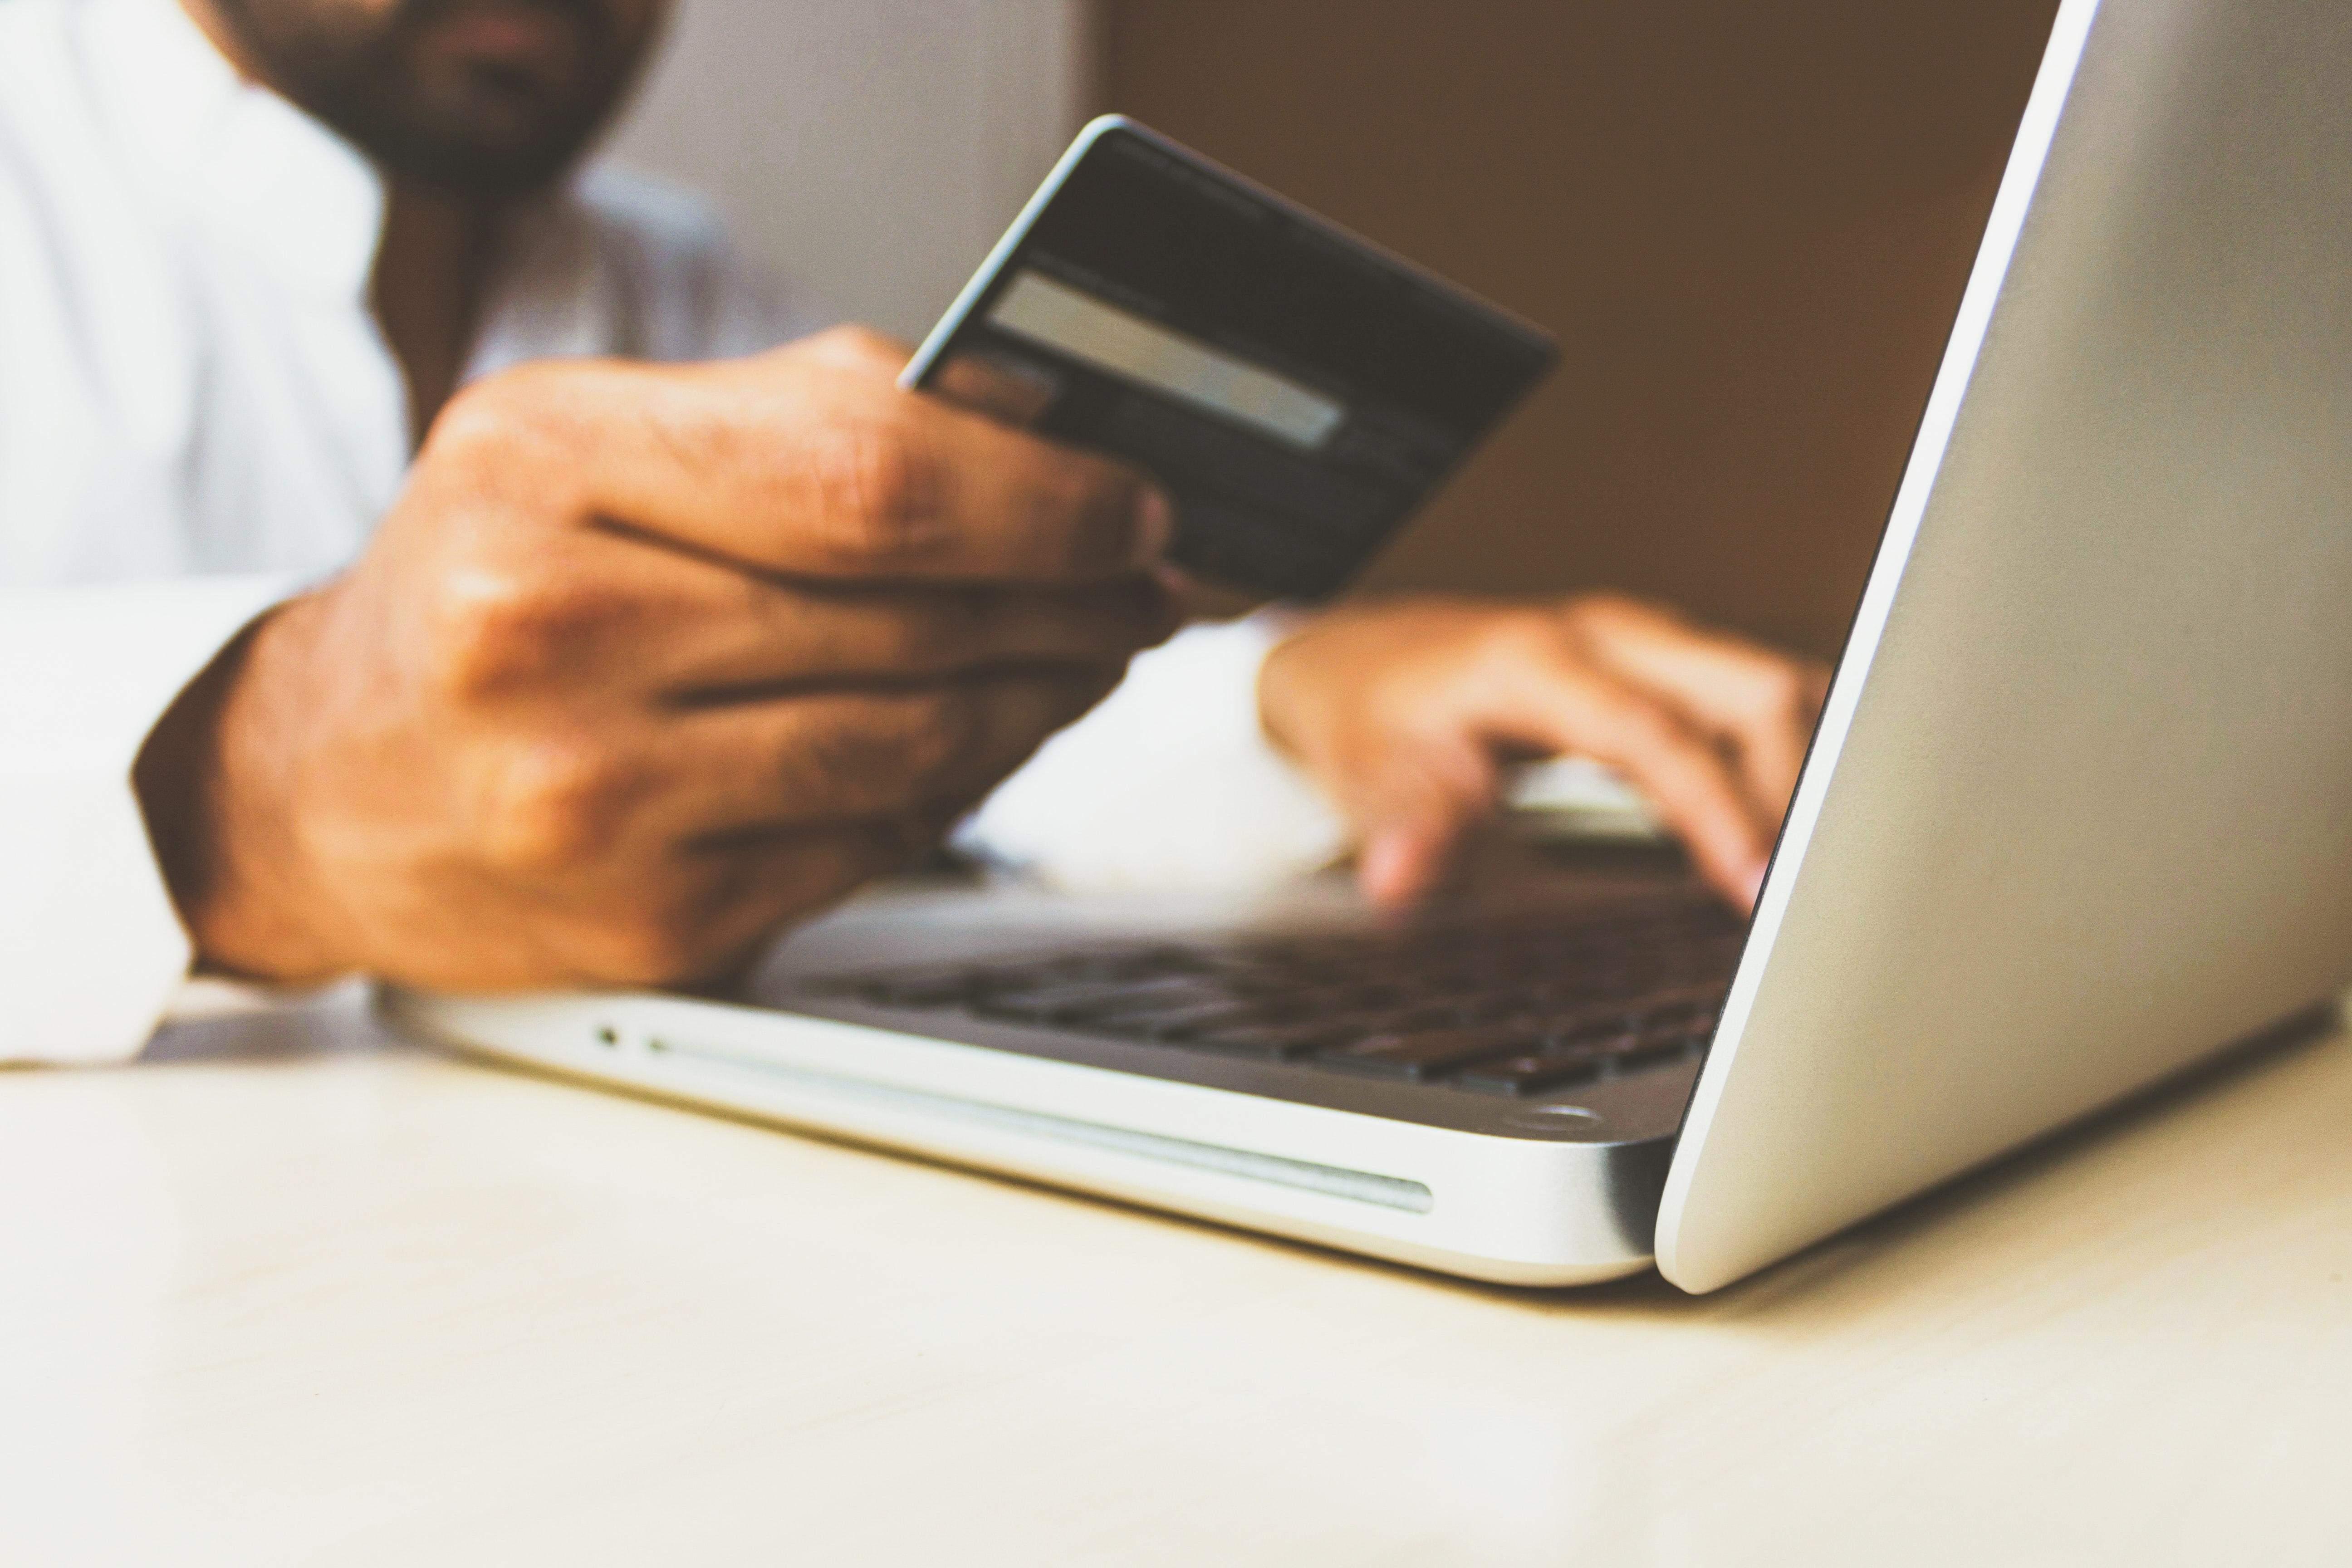 Дистанційні оплати вважаються банківськими операціями